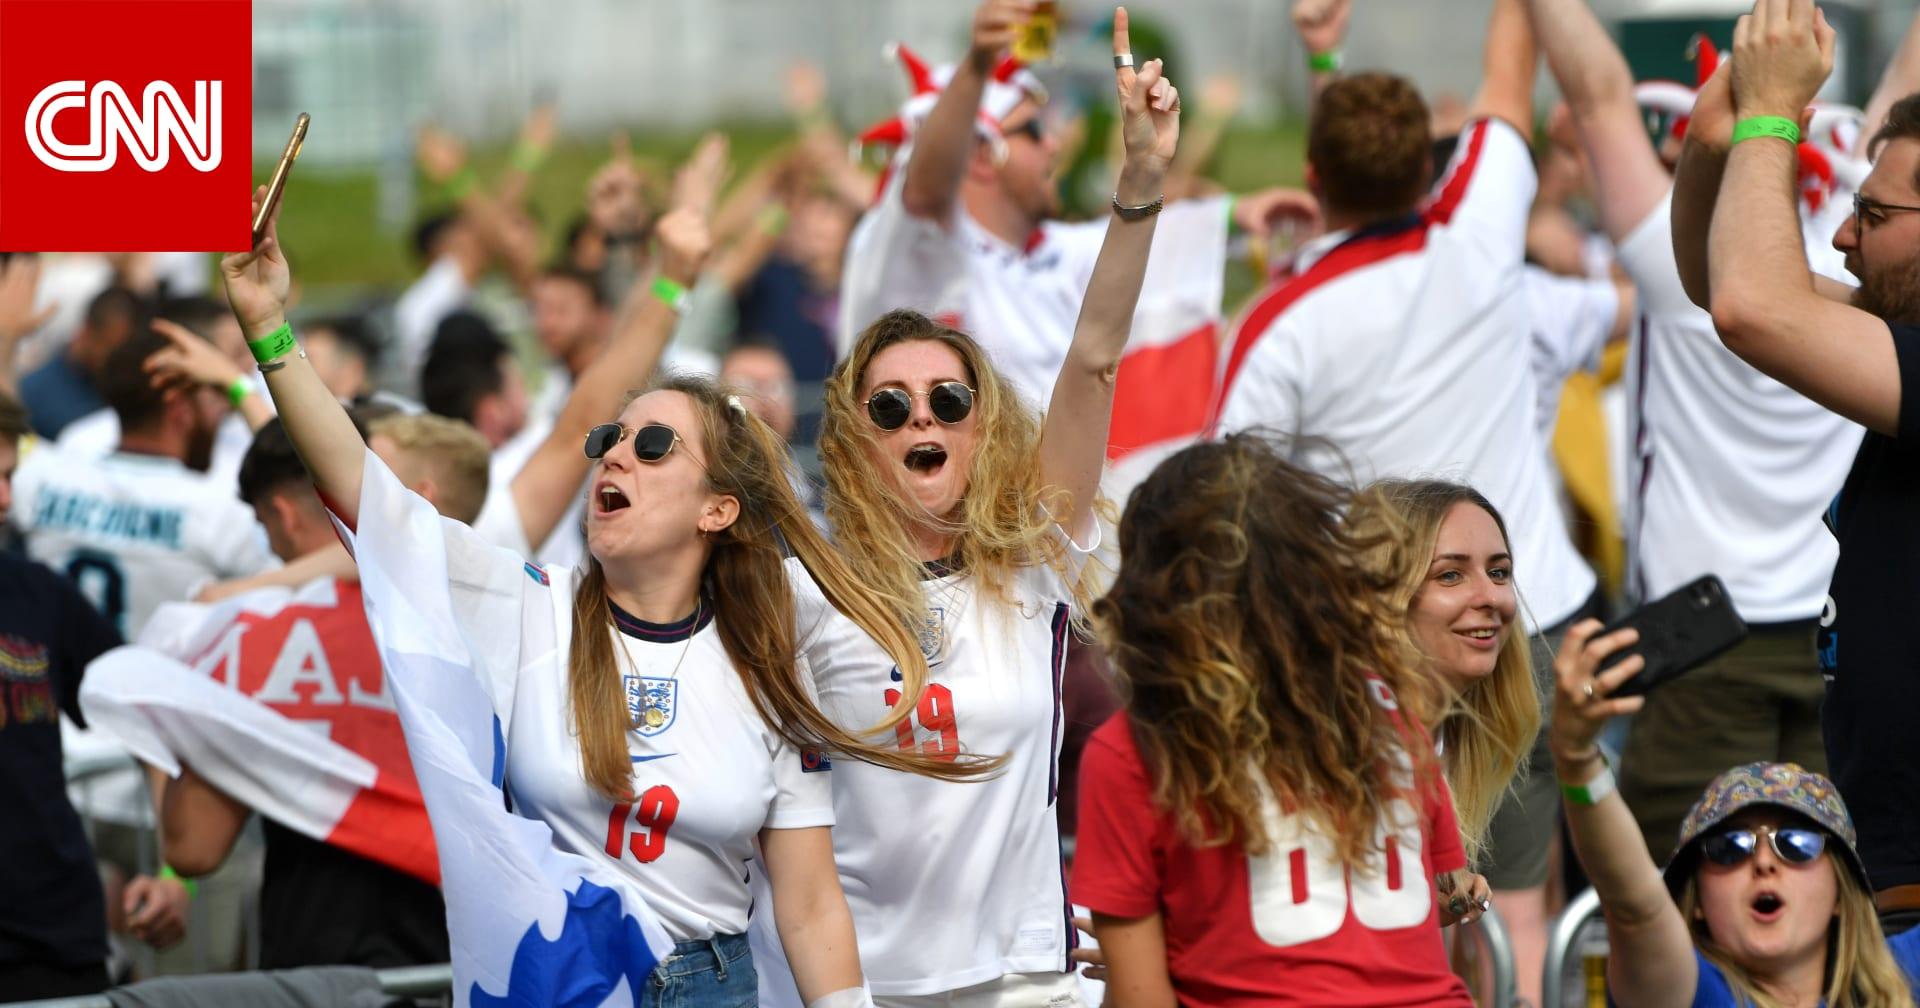 بعد طلب من إيطاليا.. إلغاء تذاكر مشجعي بريطانيا قبل مباراة أوكرانيا في يورو 2020